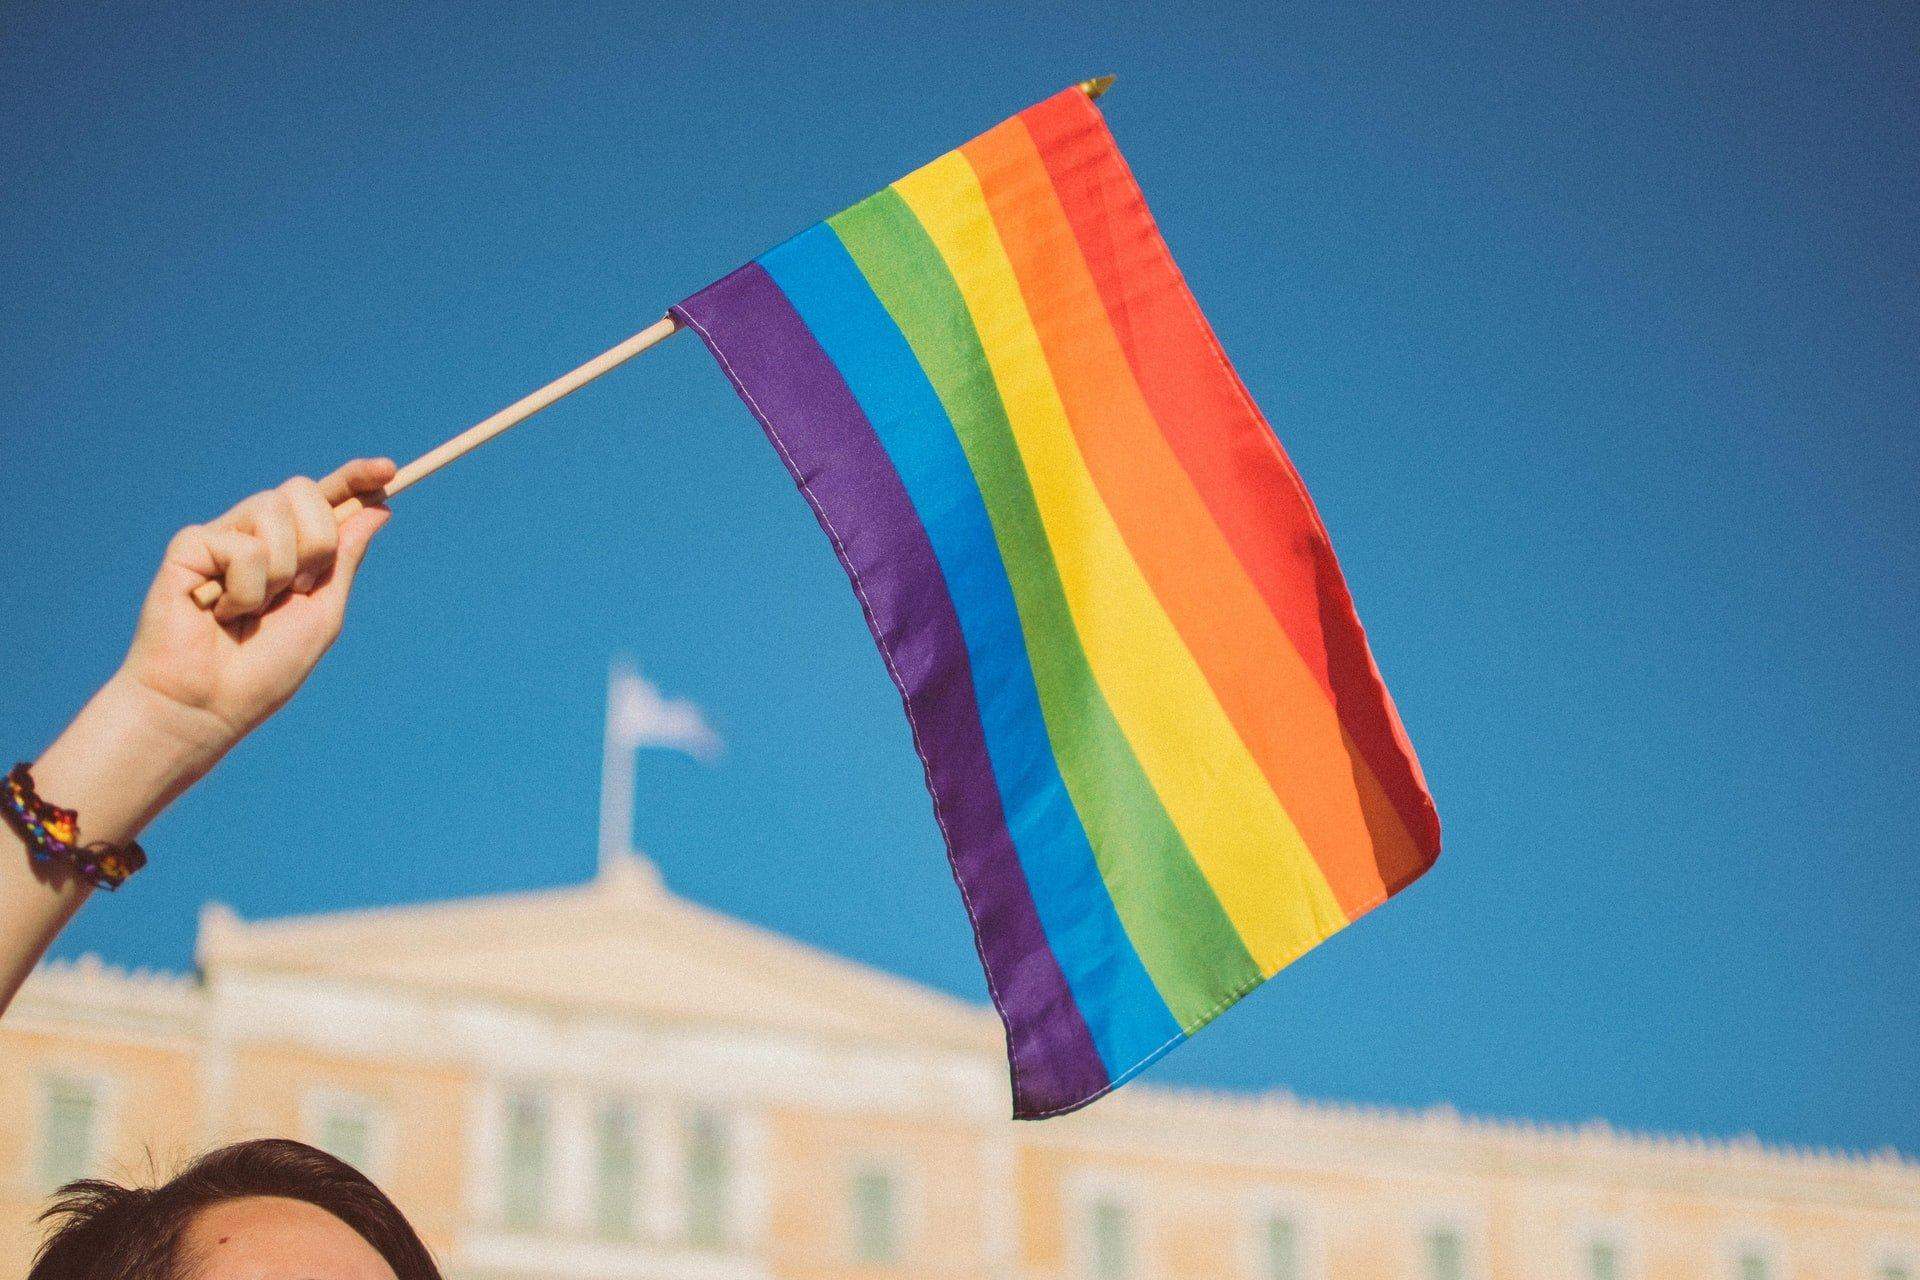 Rainbow flag in the air